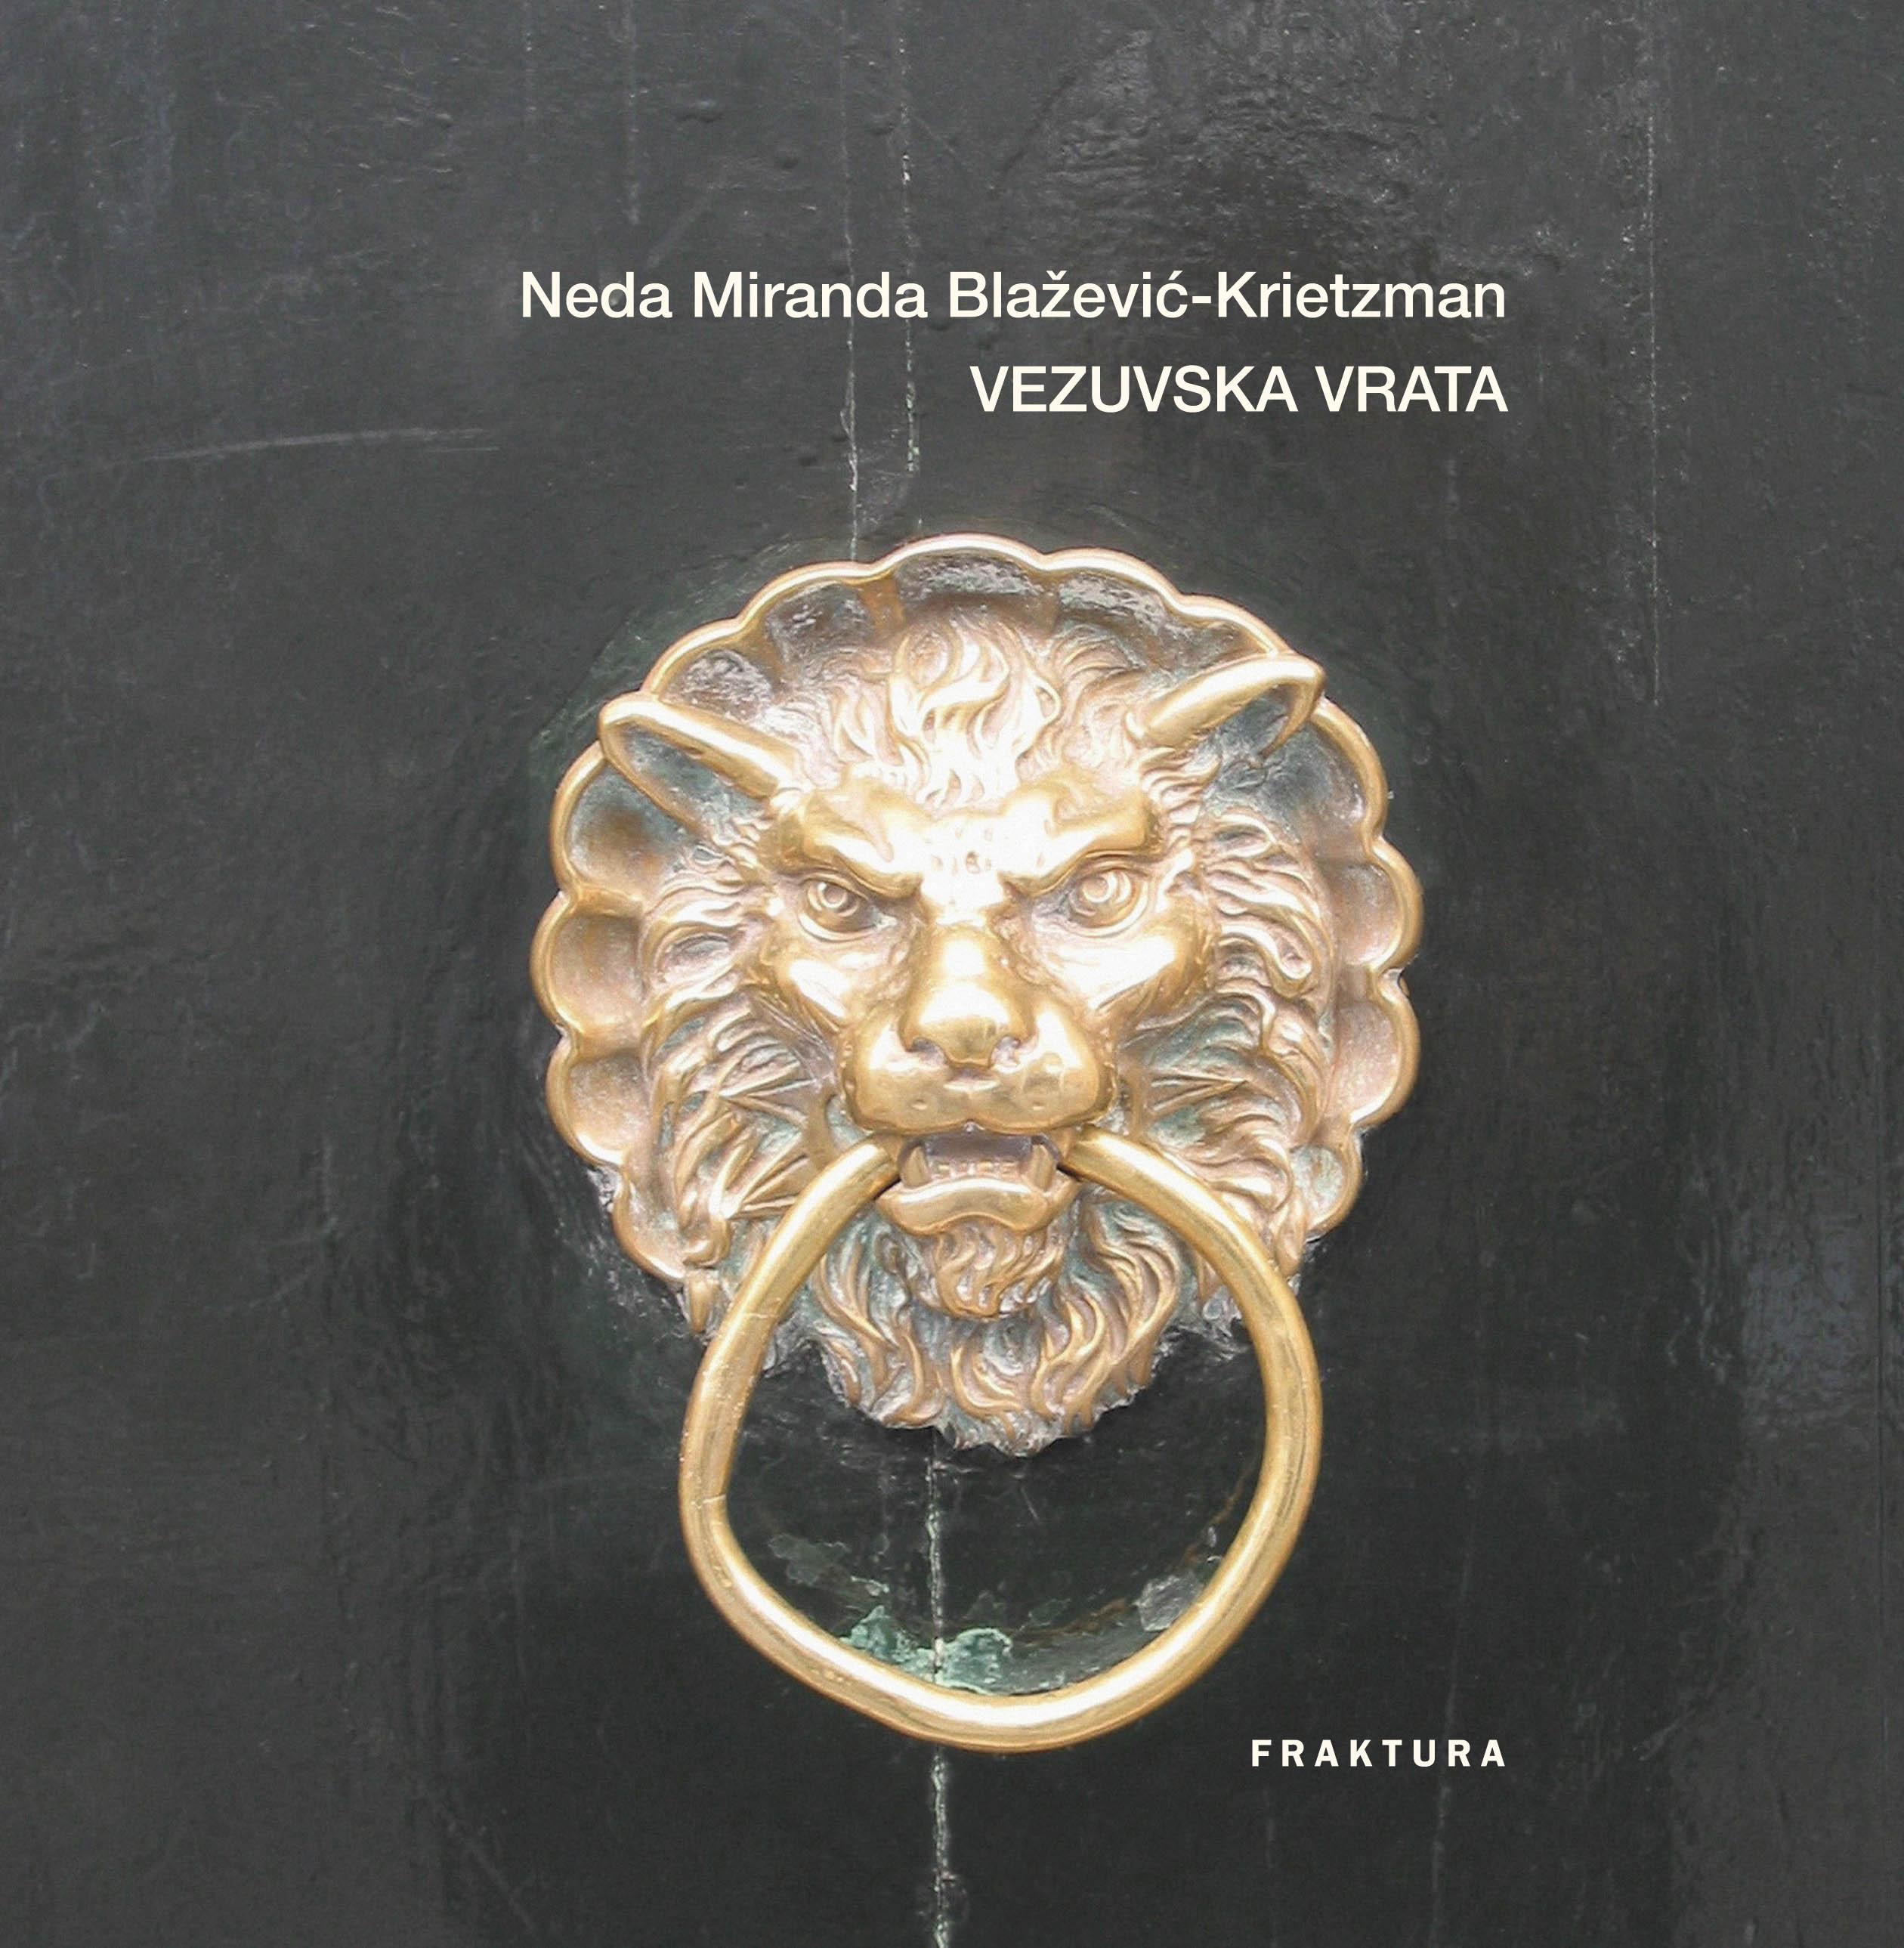 Vezuvska vrata